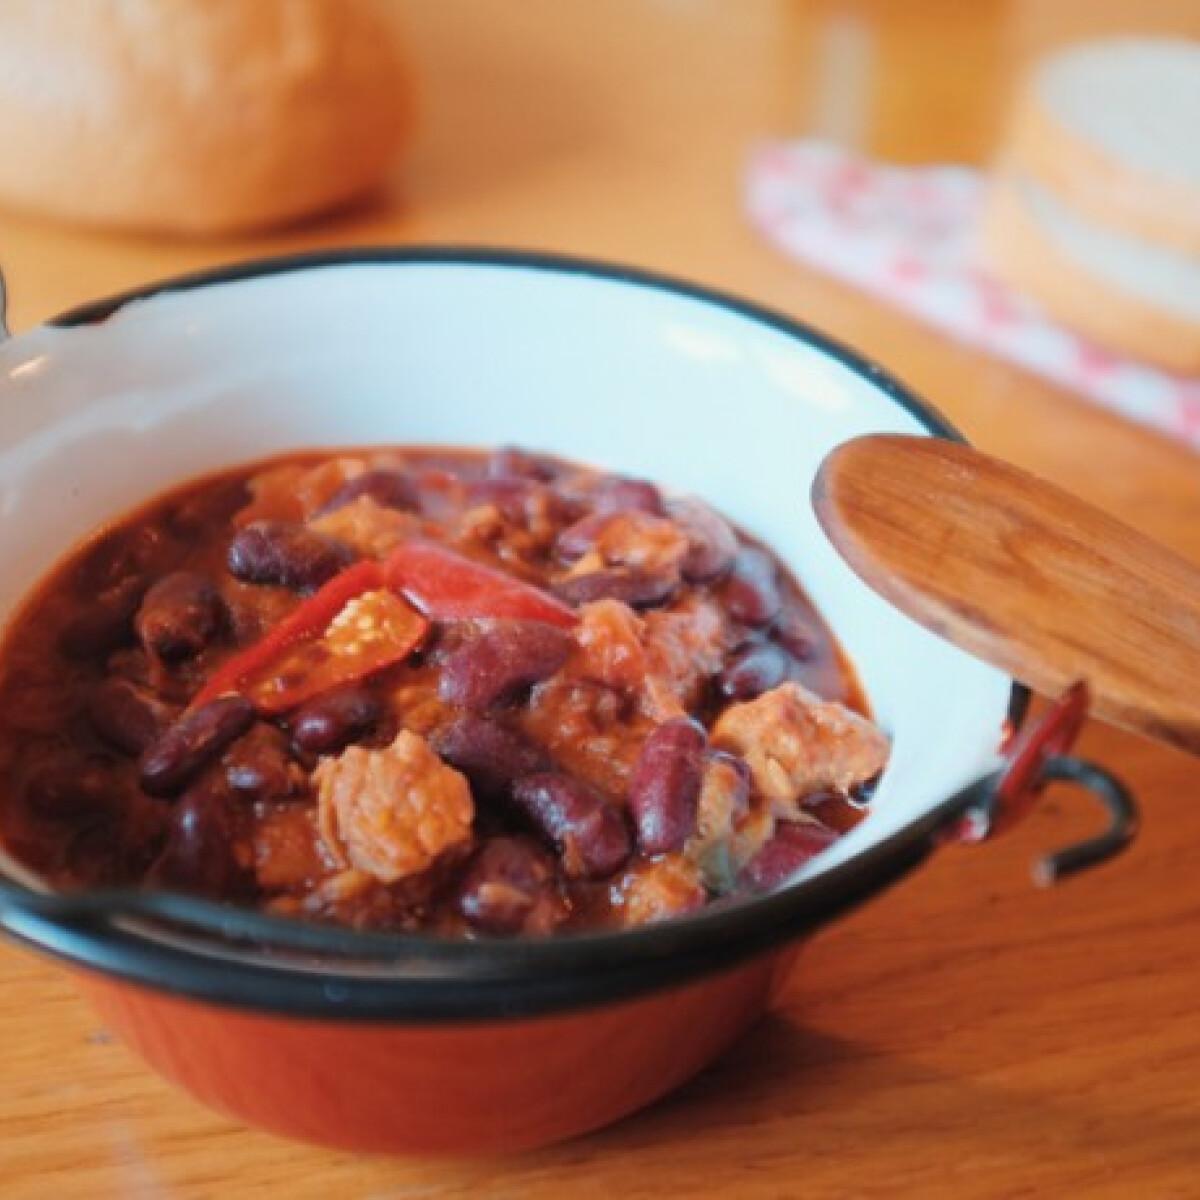 Ezen a képen: Chili con carne Katharosz konyhájából